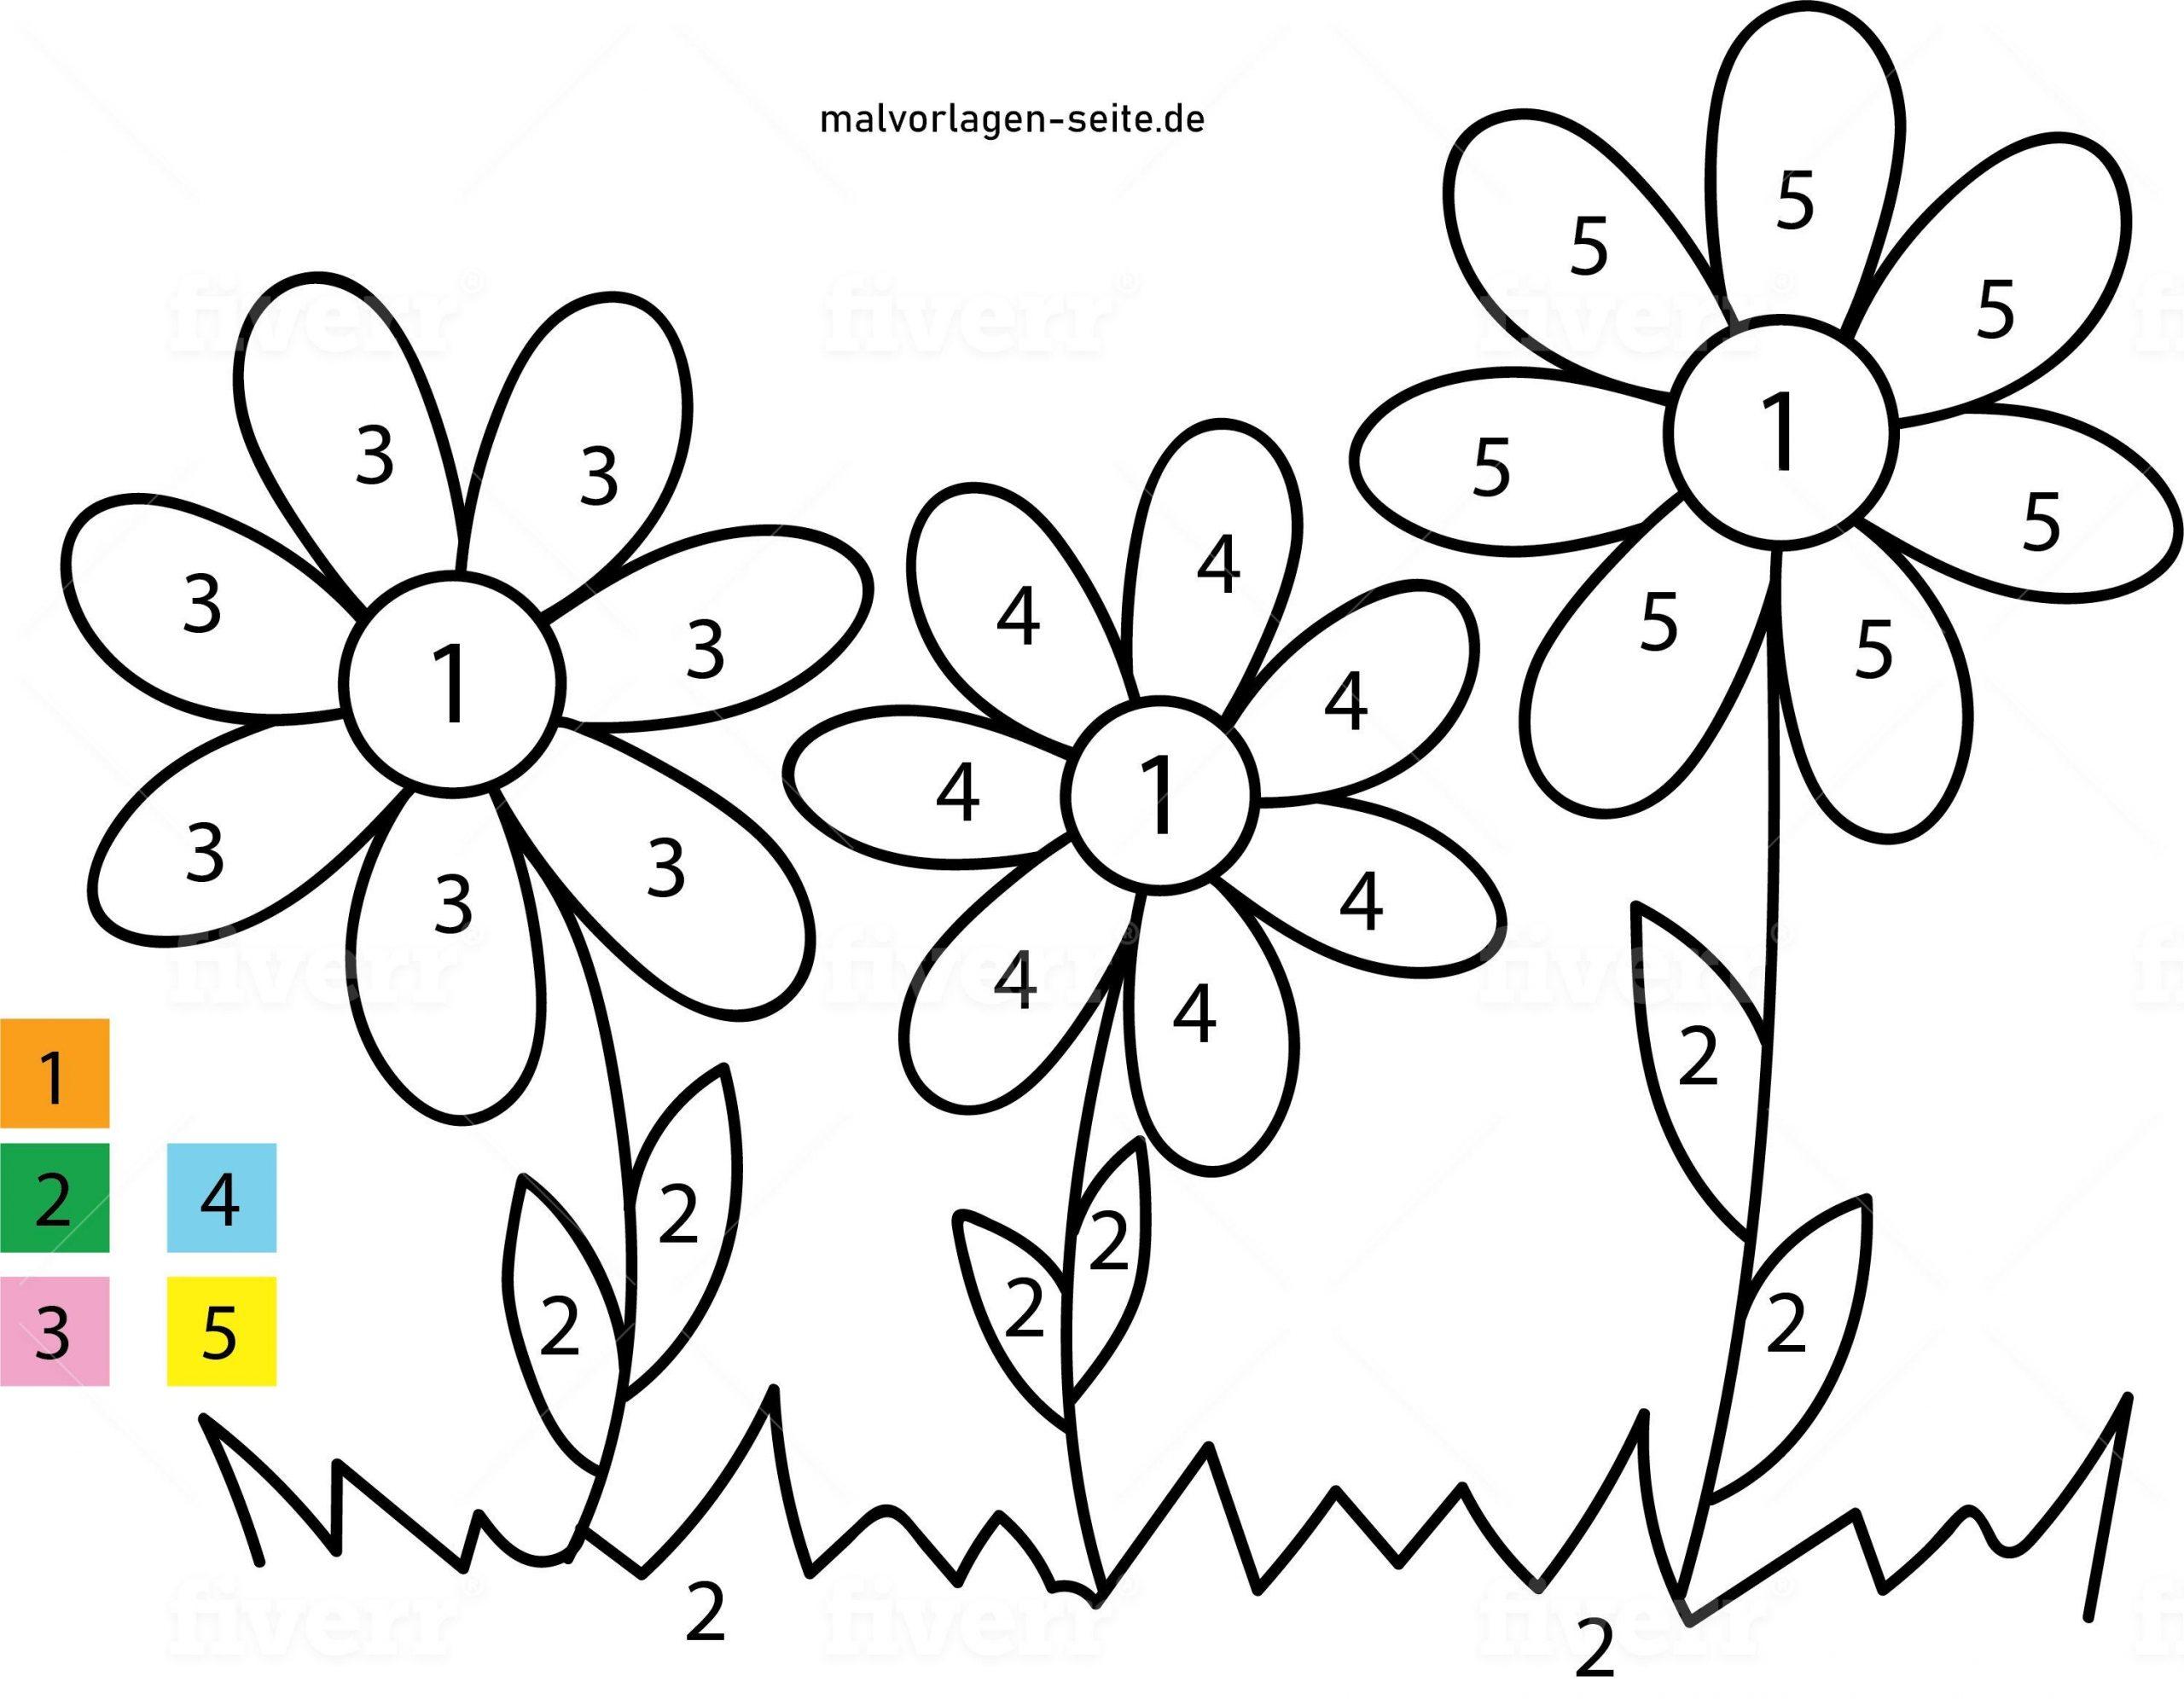 Malen Nach Zahlen - Blumen - Ausmalbilder Kostenlos verwandt mit Blumen Ausmalbilder Gratis